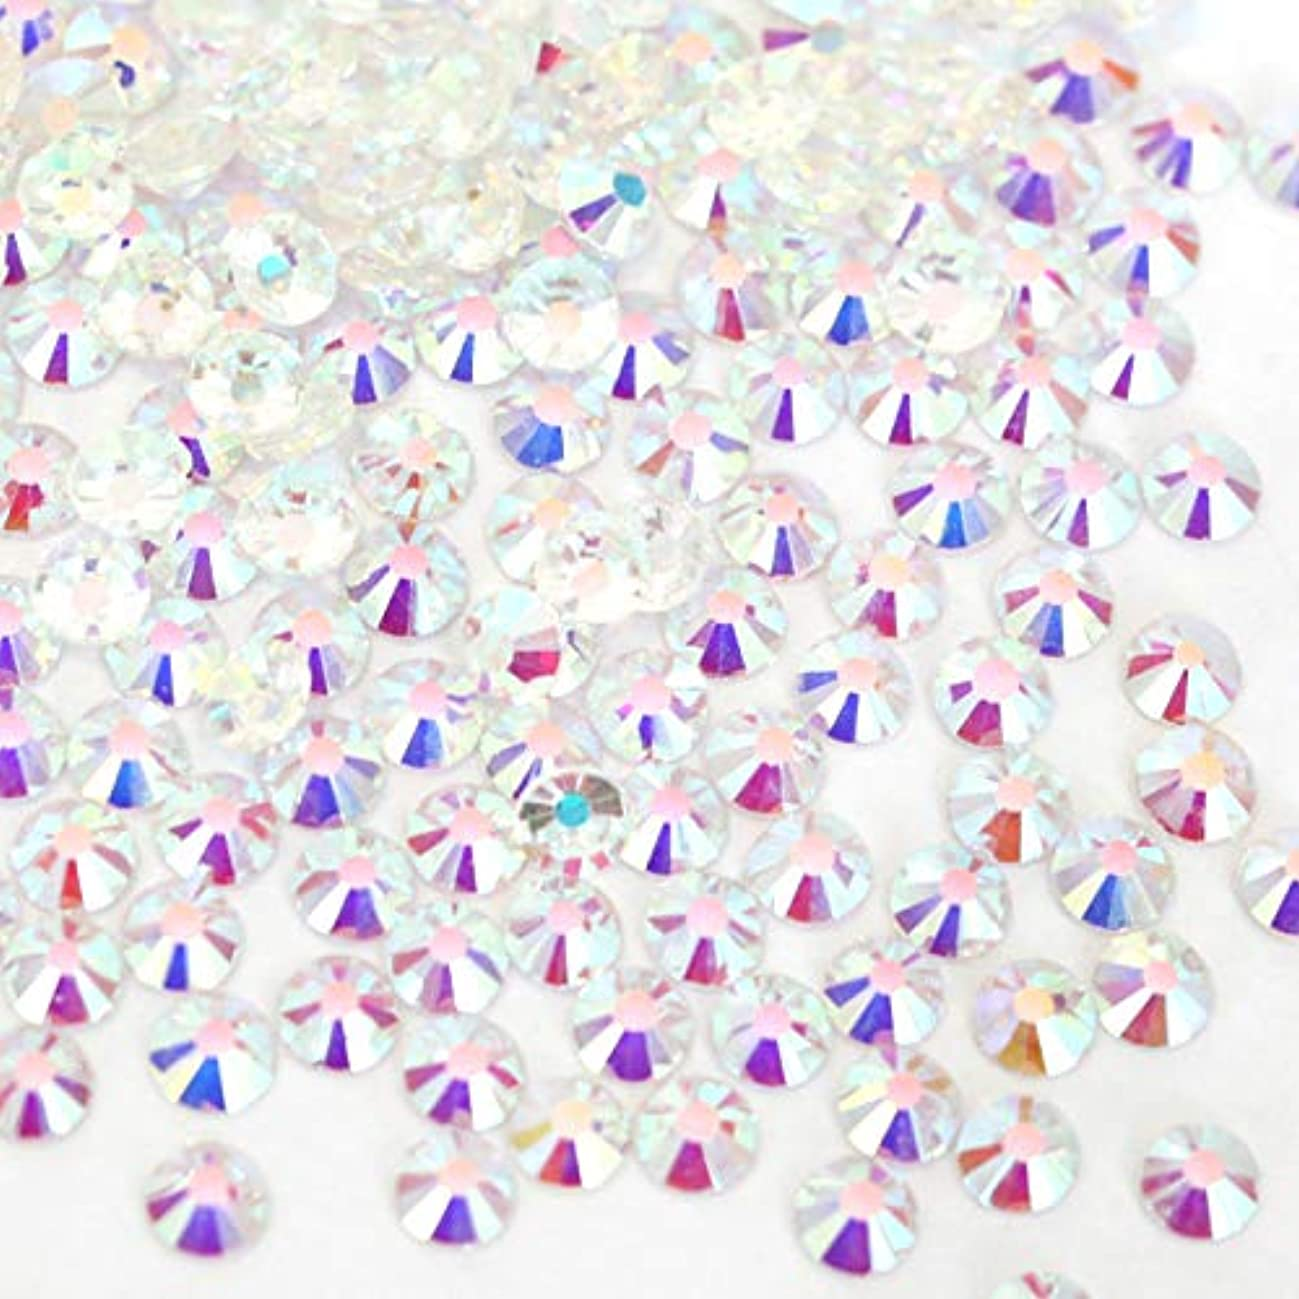 困難おばさん分析【ラインストーン77】 ガラス製ラインストーン オーロラクリスタルアンホイル(透明底)各サイズ選択可能 スワロフスキー同等 (SS12 約200粒)